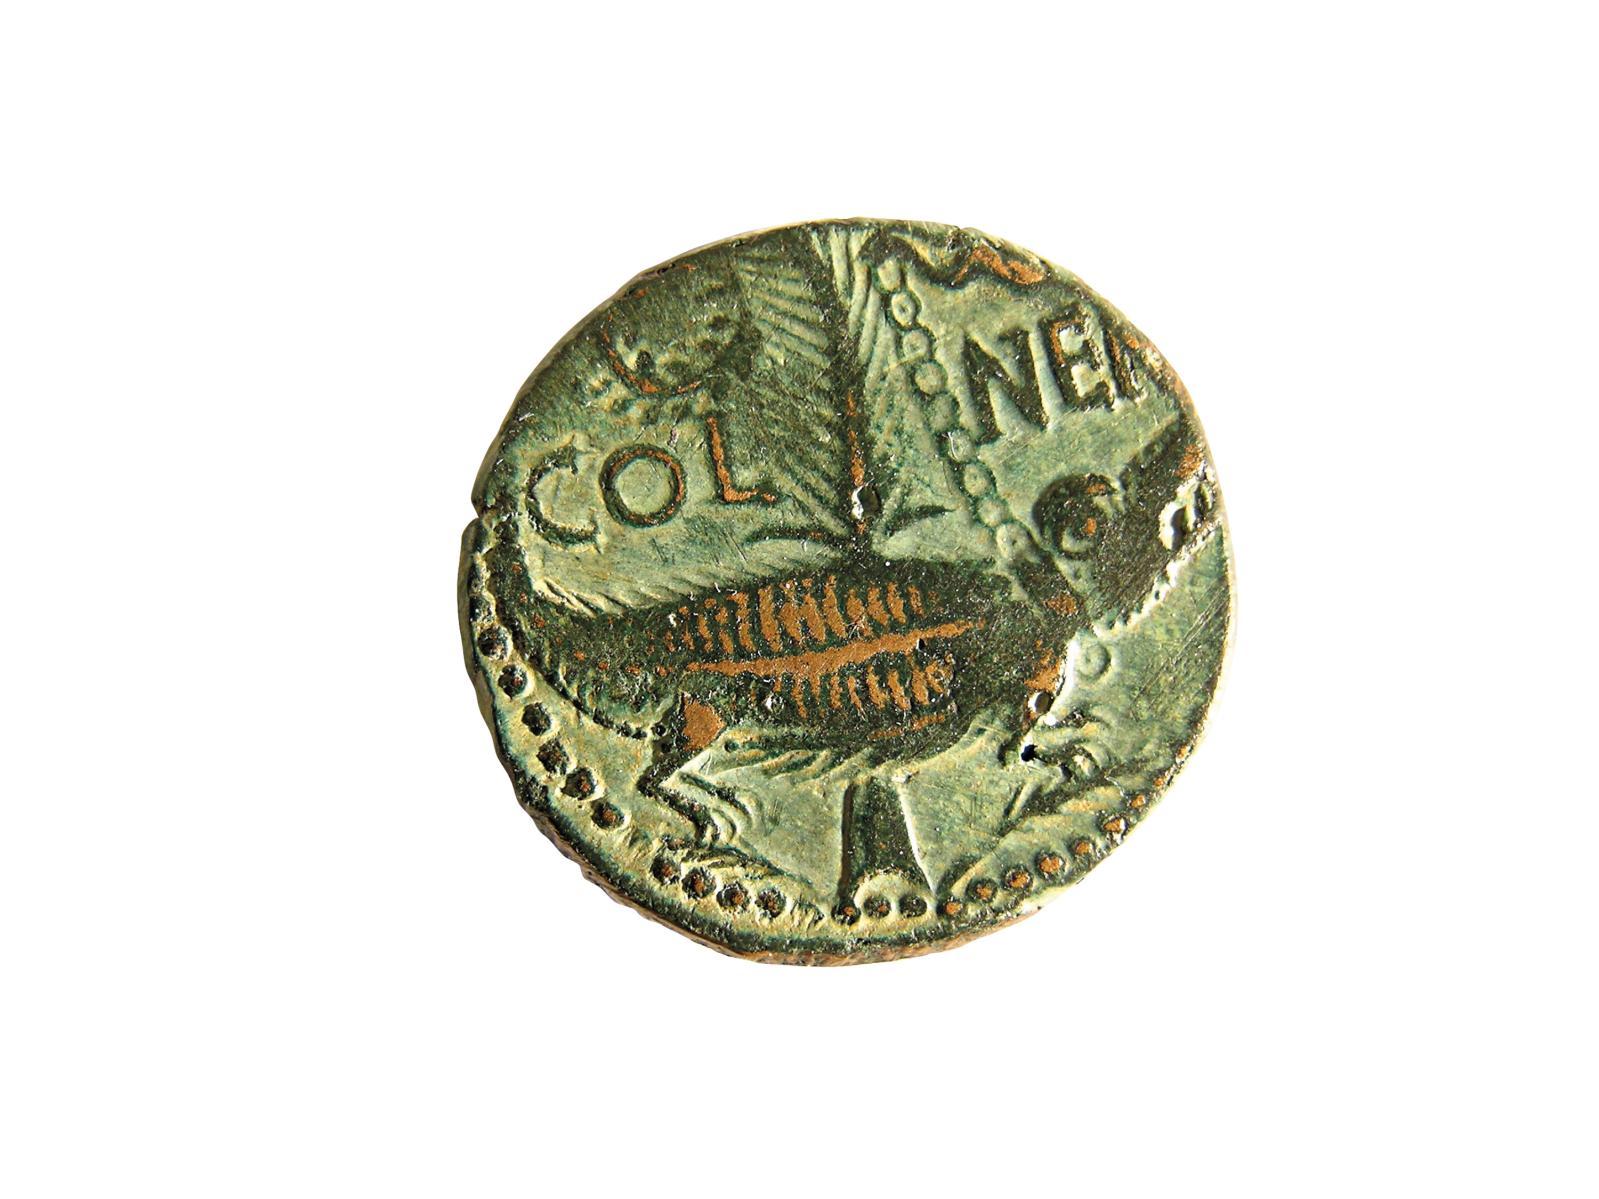 As de Nîmes, monnaie émise à Nîmes sous le règne d'Auguste (27av.J.-C.-14apr.J.-C.). Revers: crocodile enchaîné à une palme, «COL NEM» (Colonia N